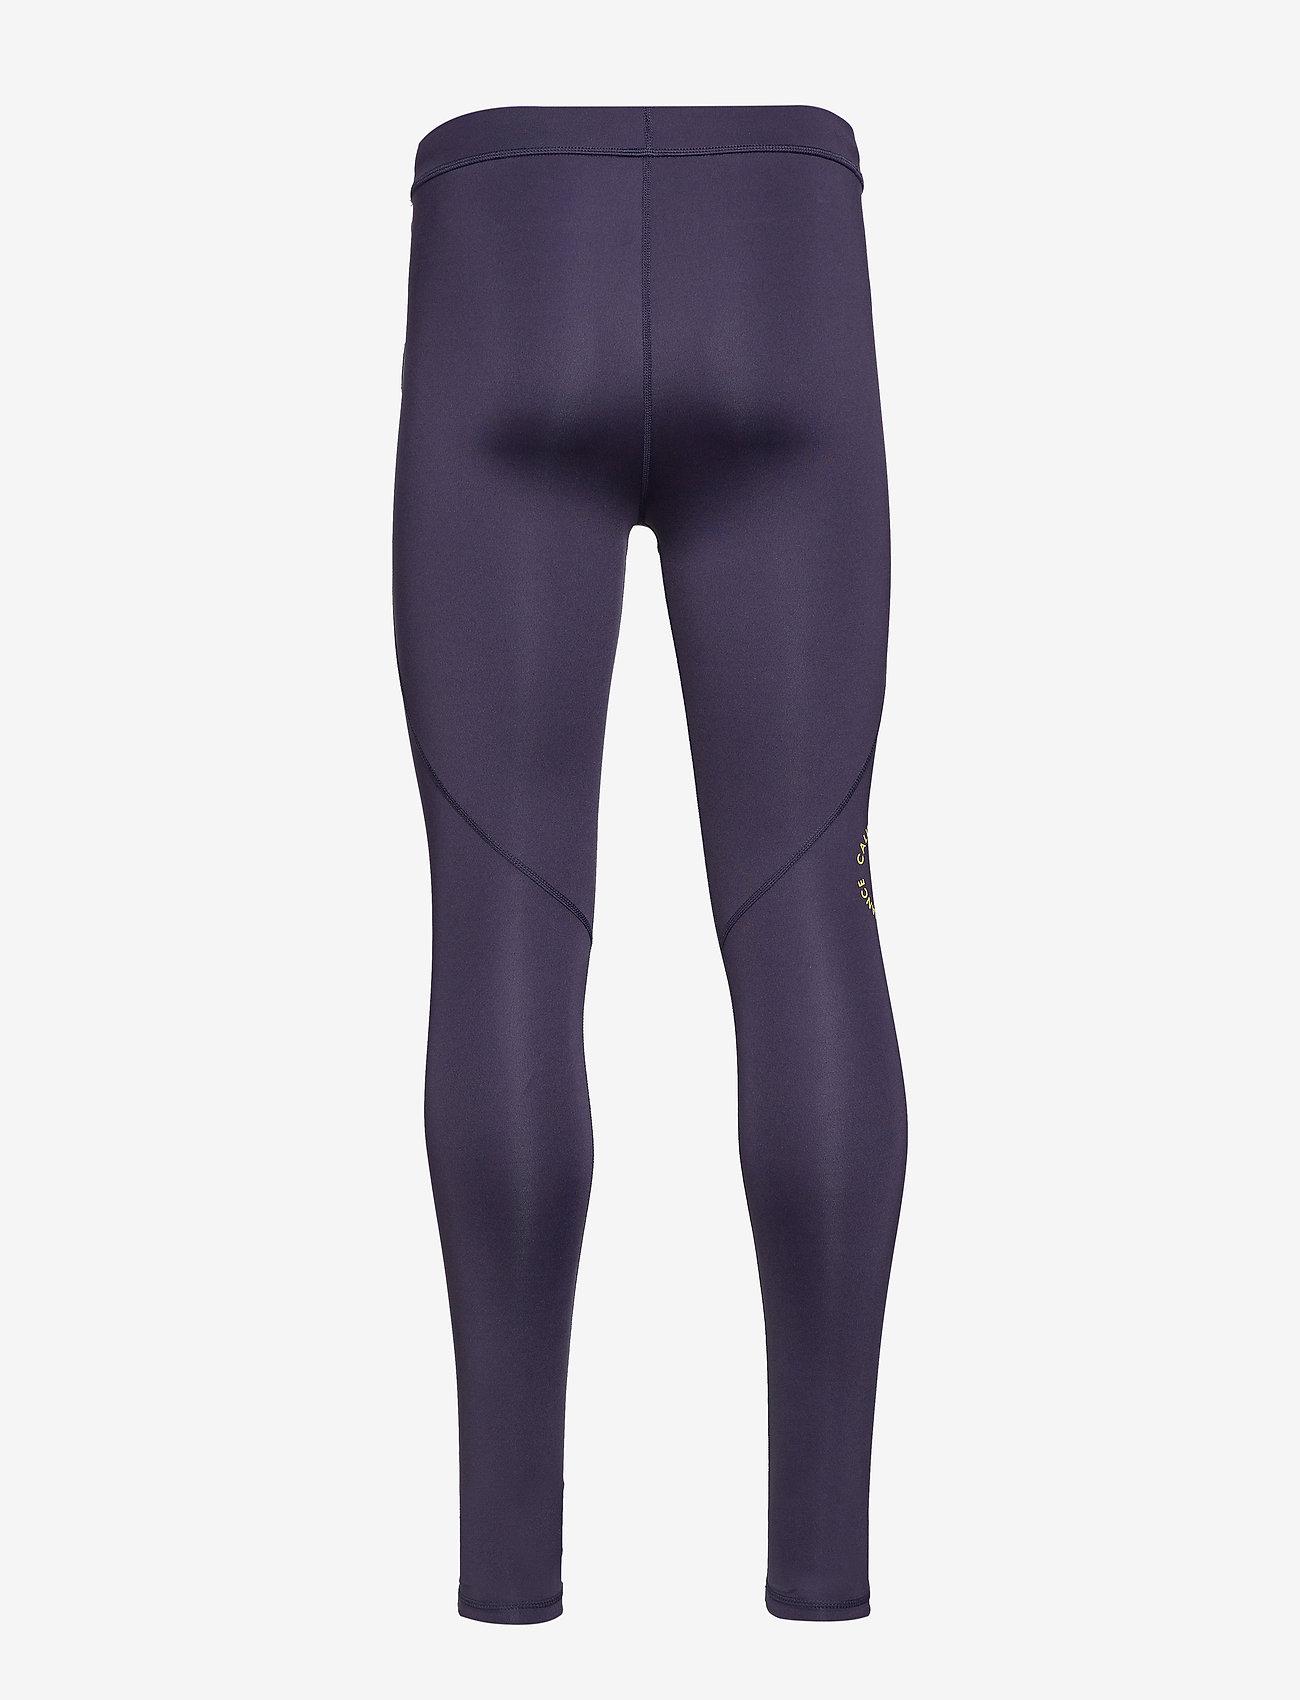 Calvin Klein Performance - FULL LENGTH TIGHT - running & training tights - night sky/sulphur spring - 1